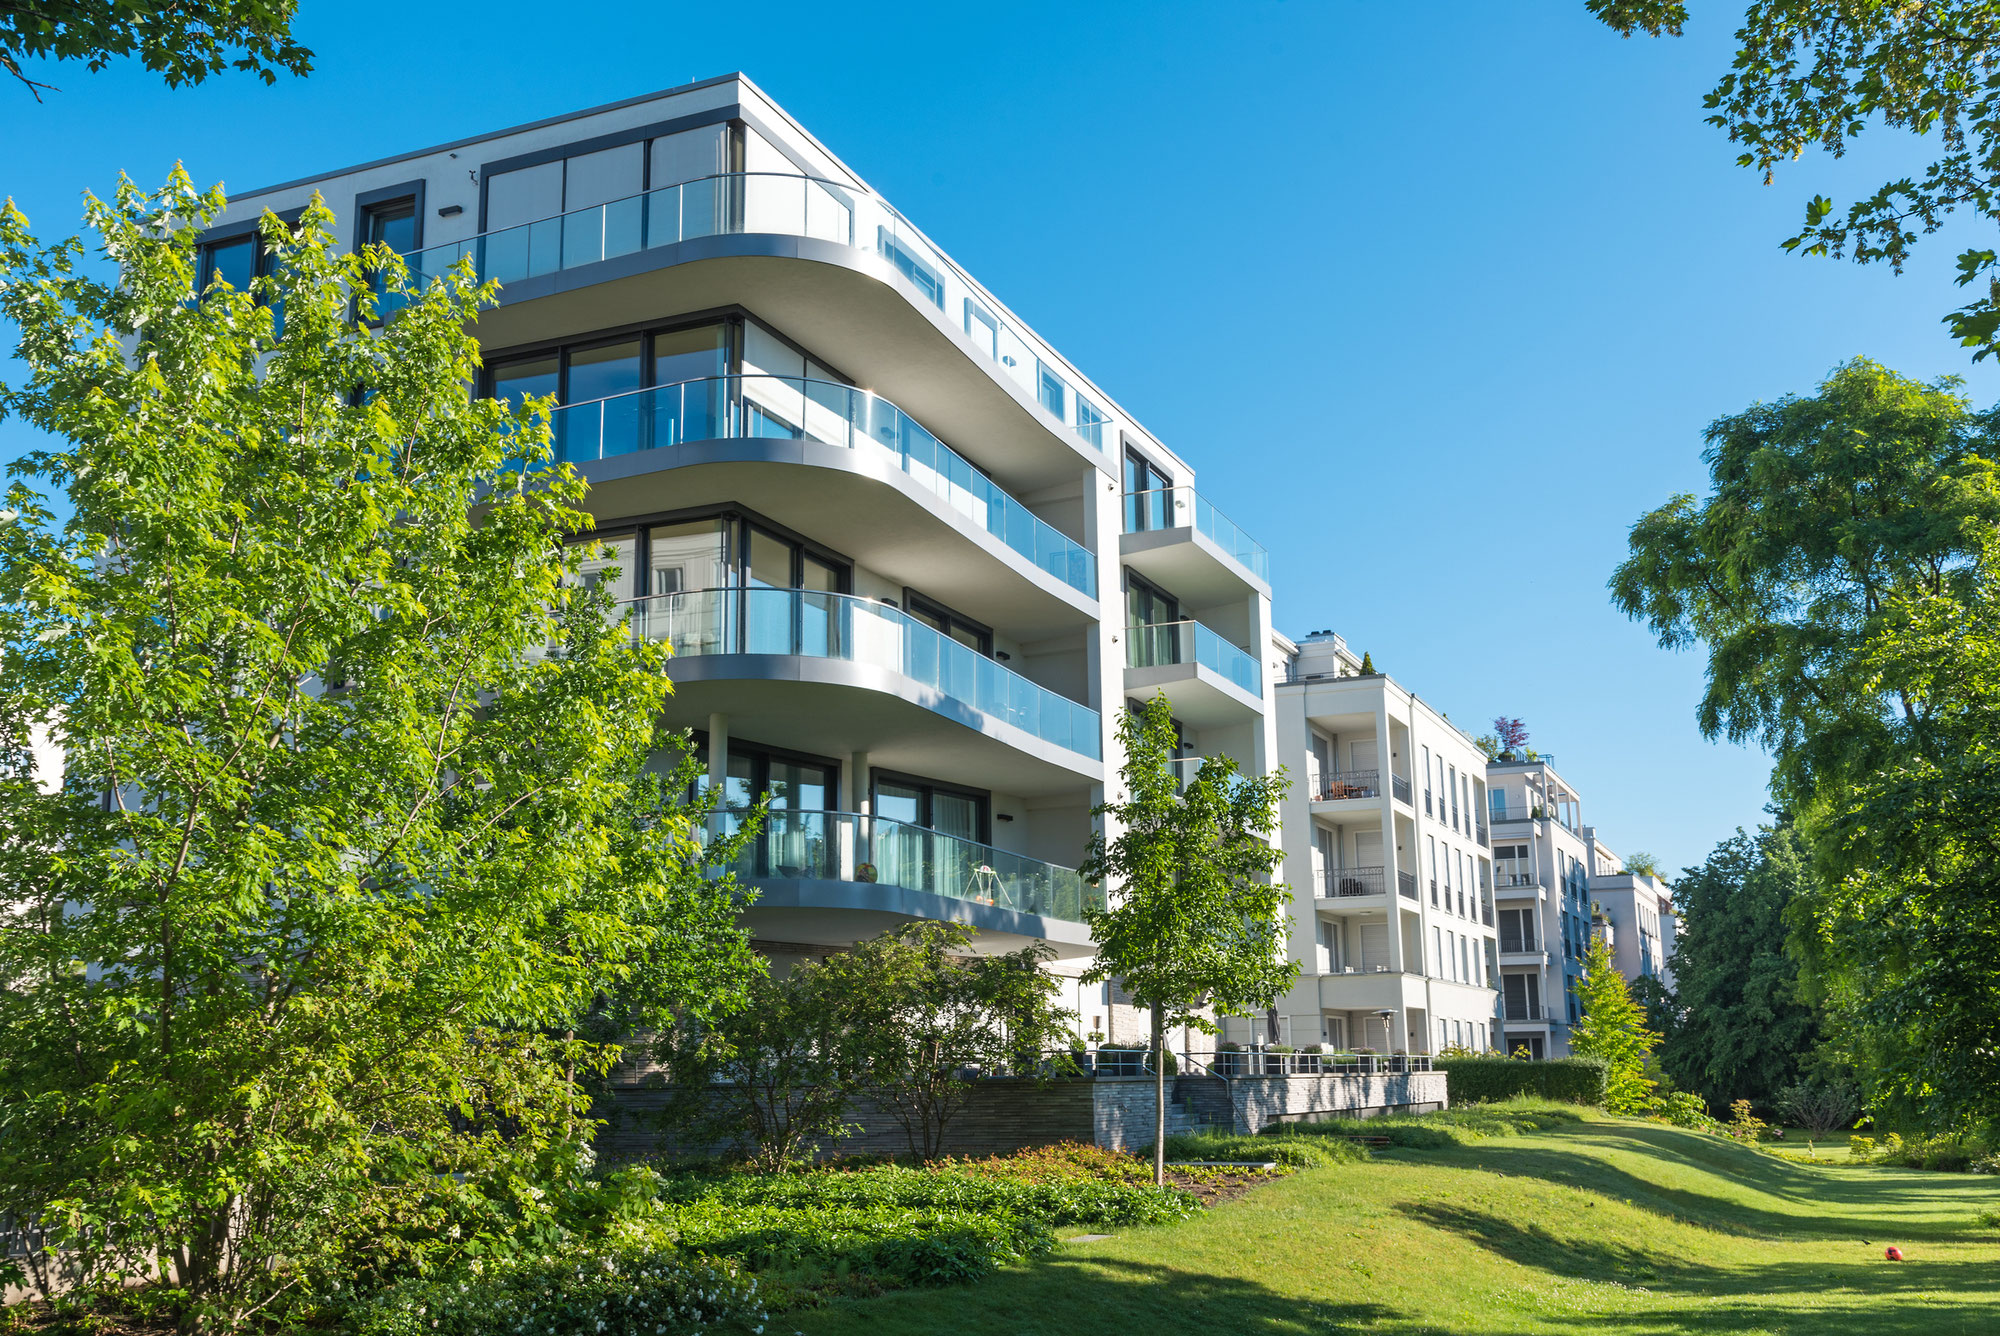 Makler In Braunschweig immobilienmakler braunschweig immobilienmakler für hildesheim